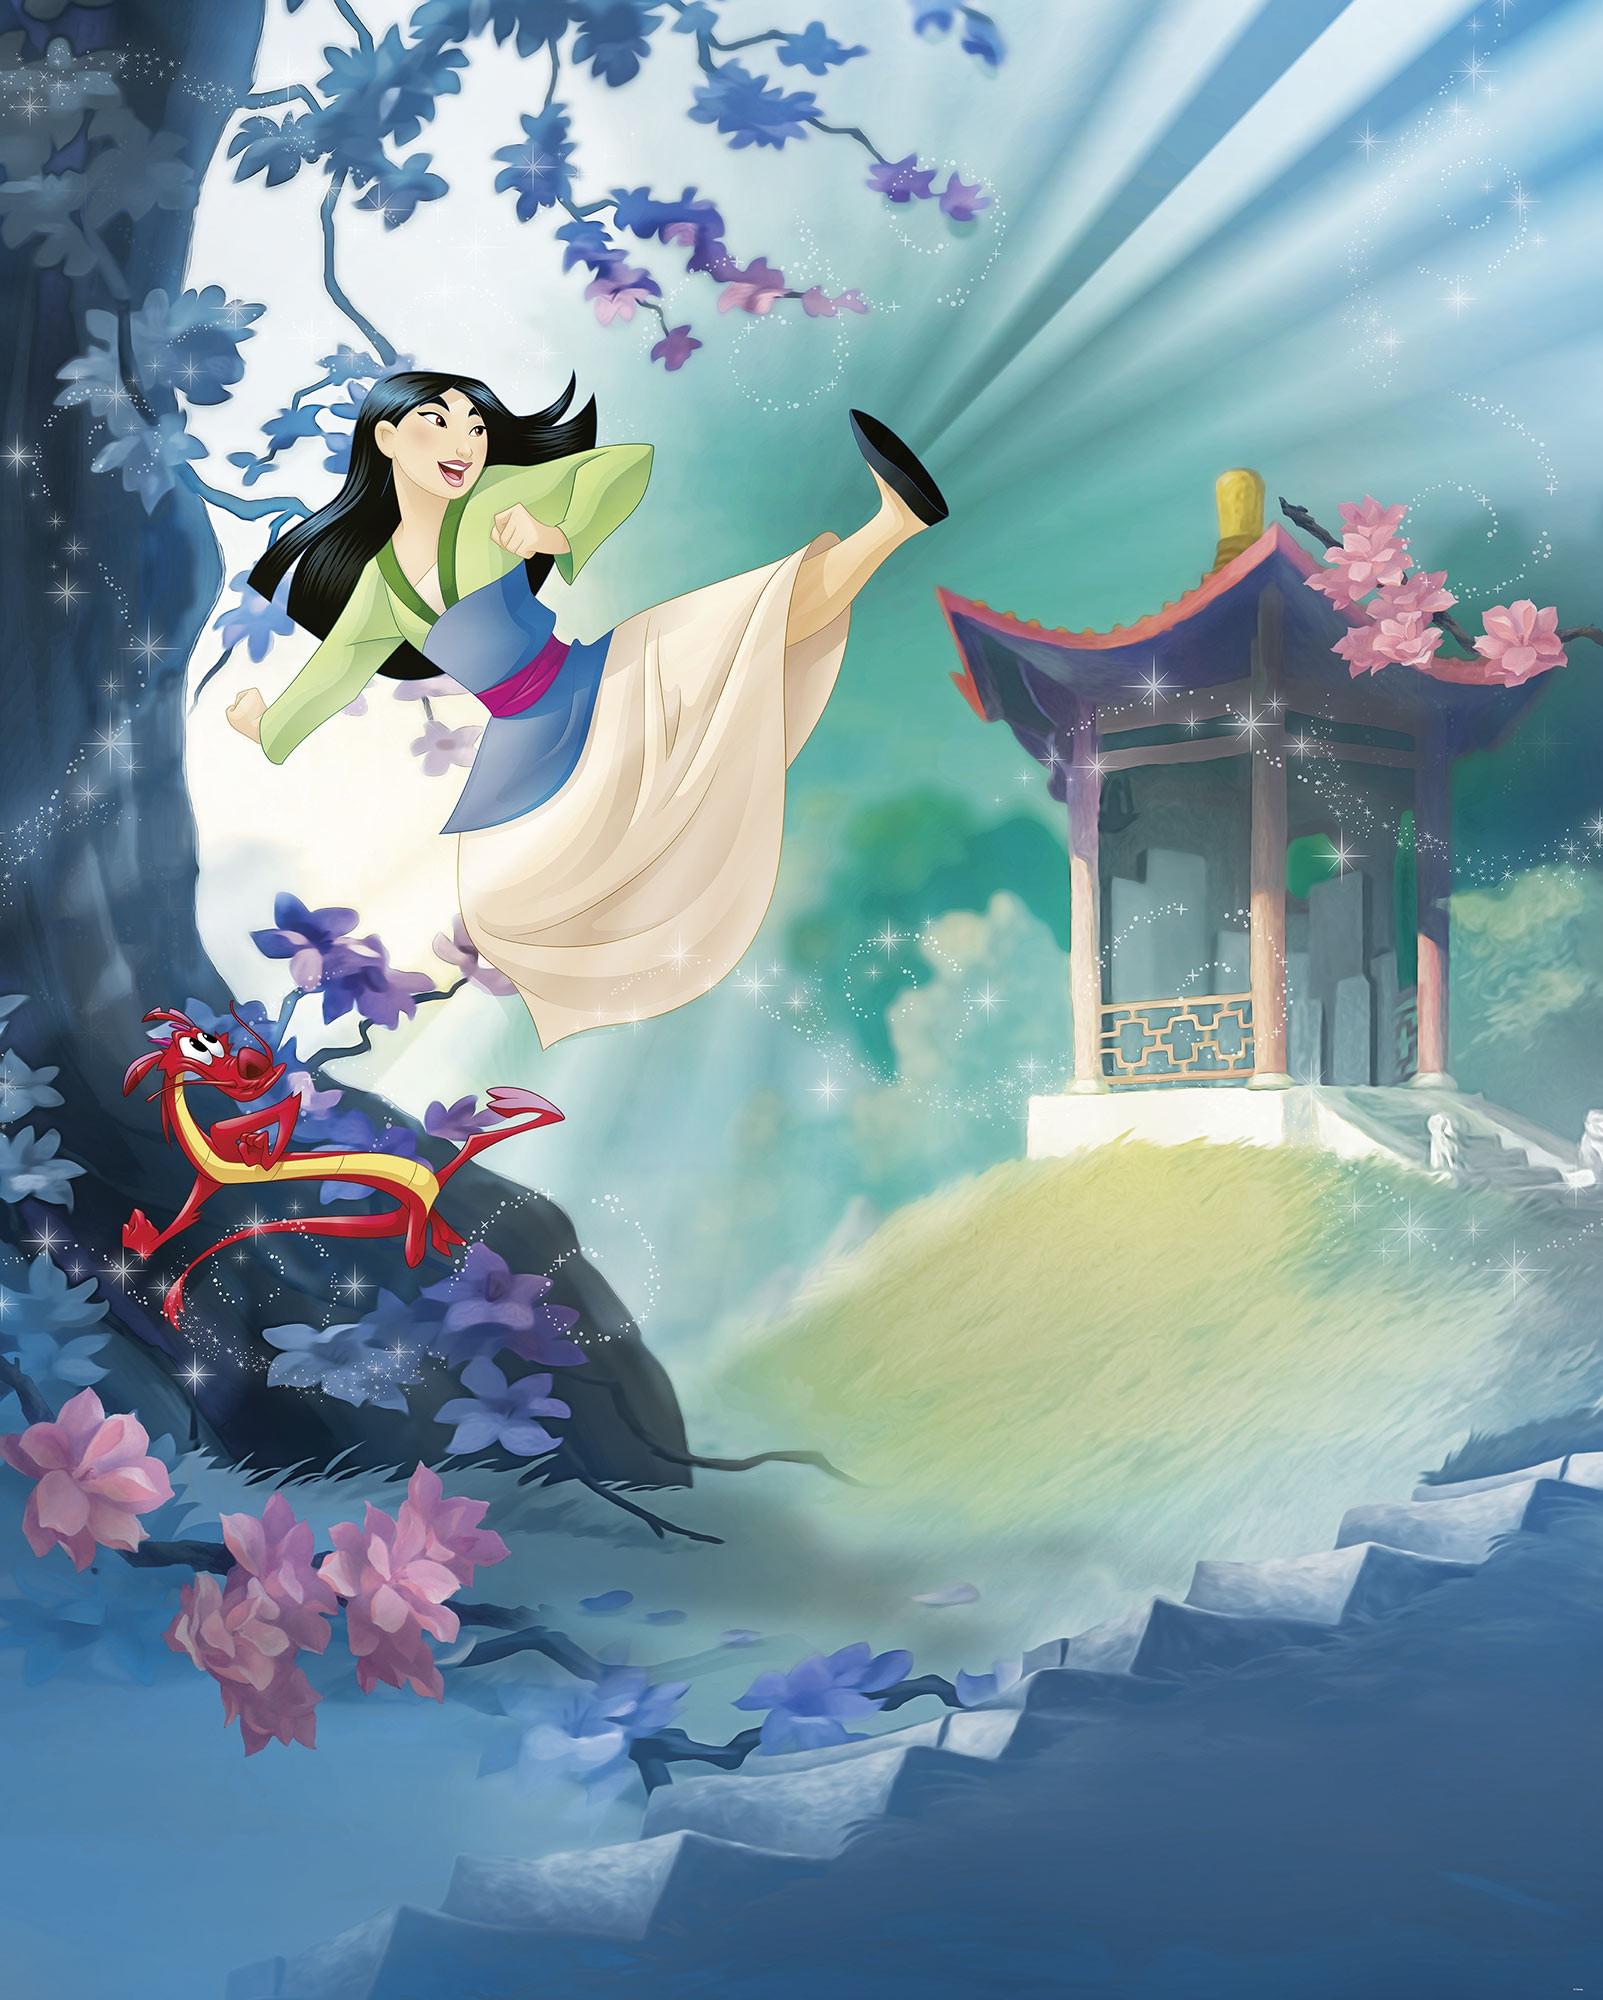 Vliestapete Mulan von Disney  fototapetede